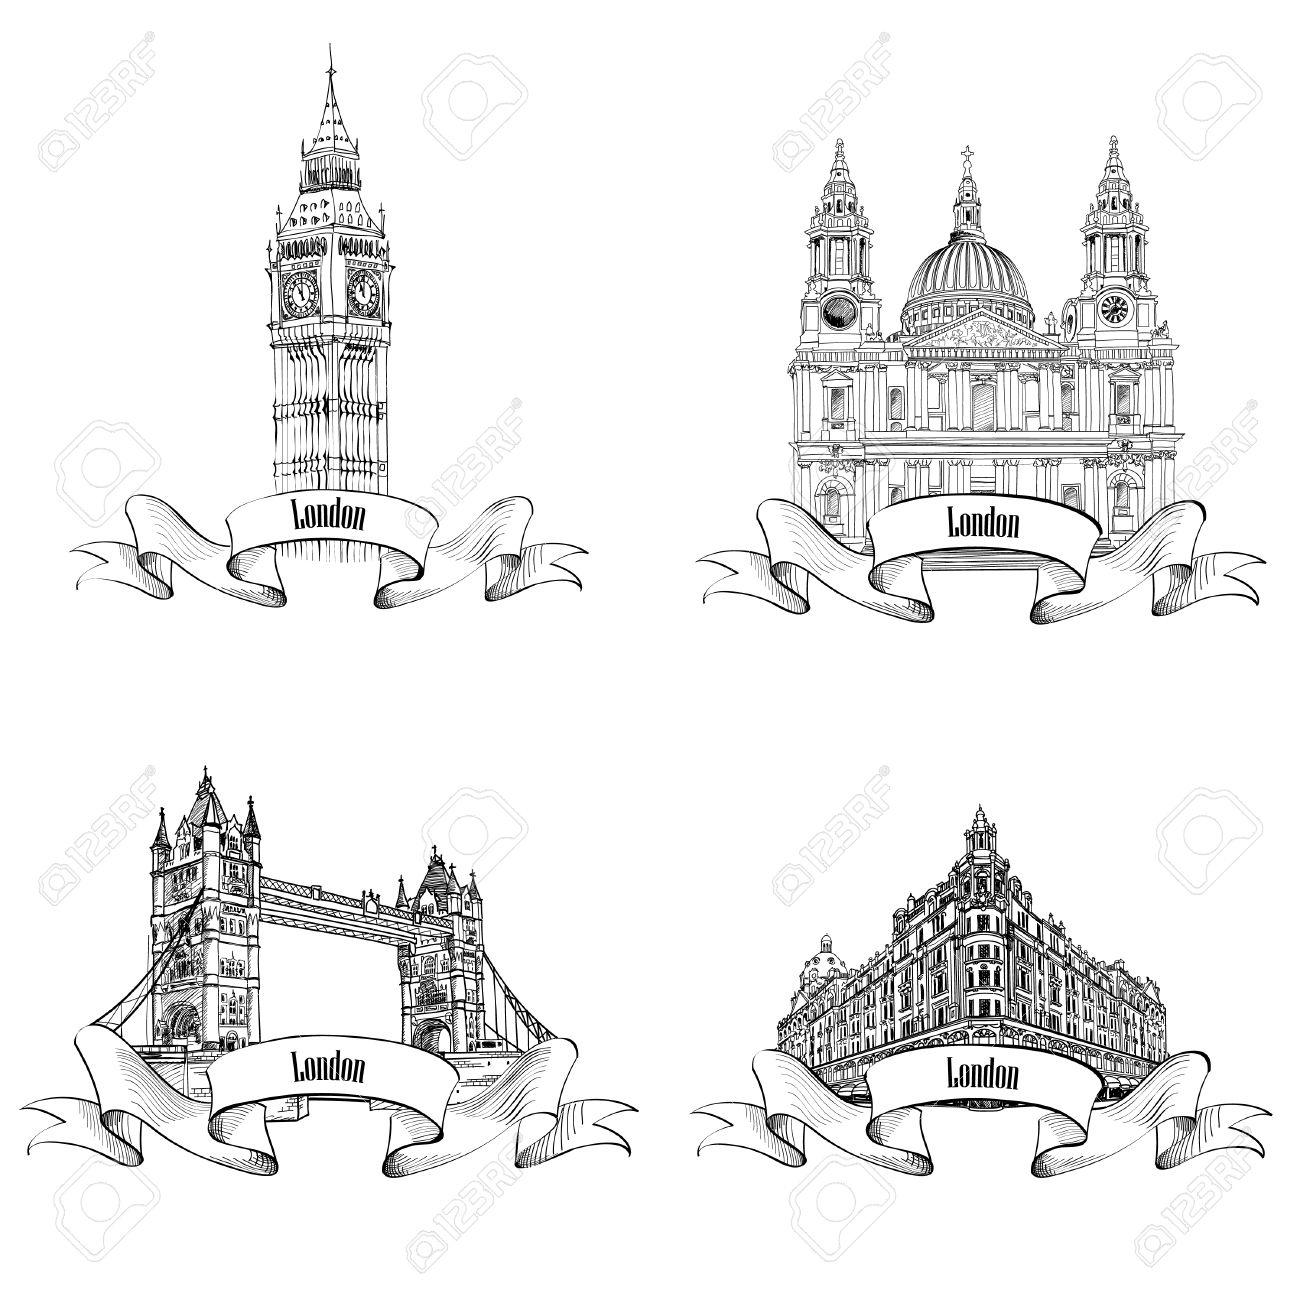 Bâtiments Célèbres De Londres Fixés. Dessin À La Main Collection De Croquis  De Monuments De Londres. Angleterre Voyage Icône De La Collection. dedans Dessin De Angleterre